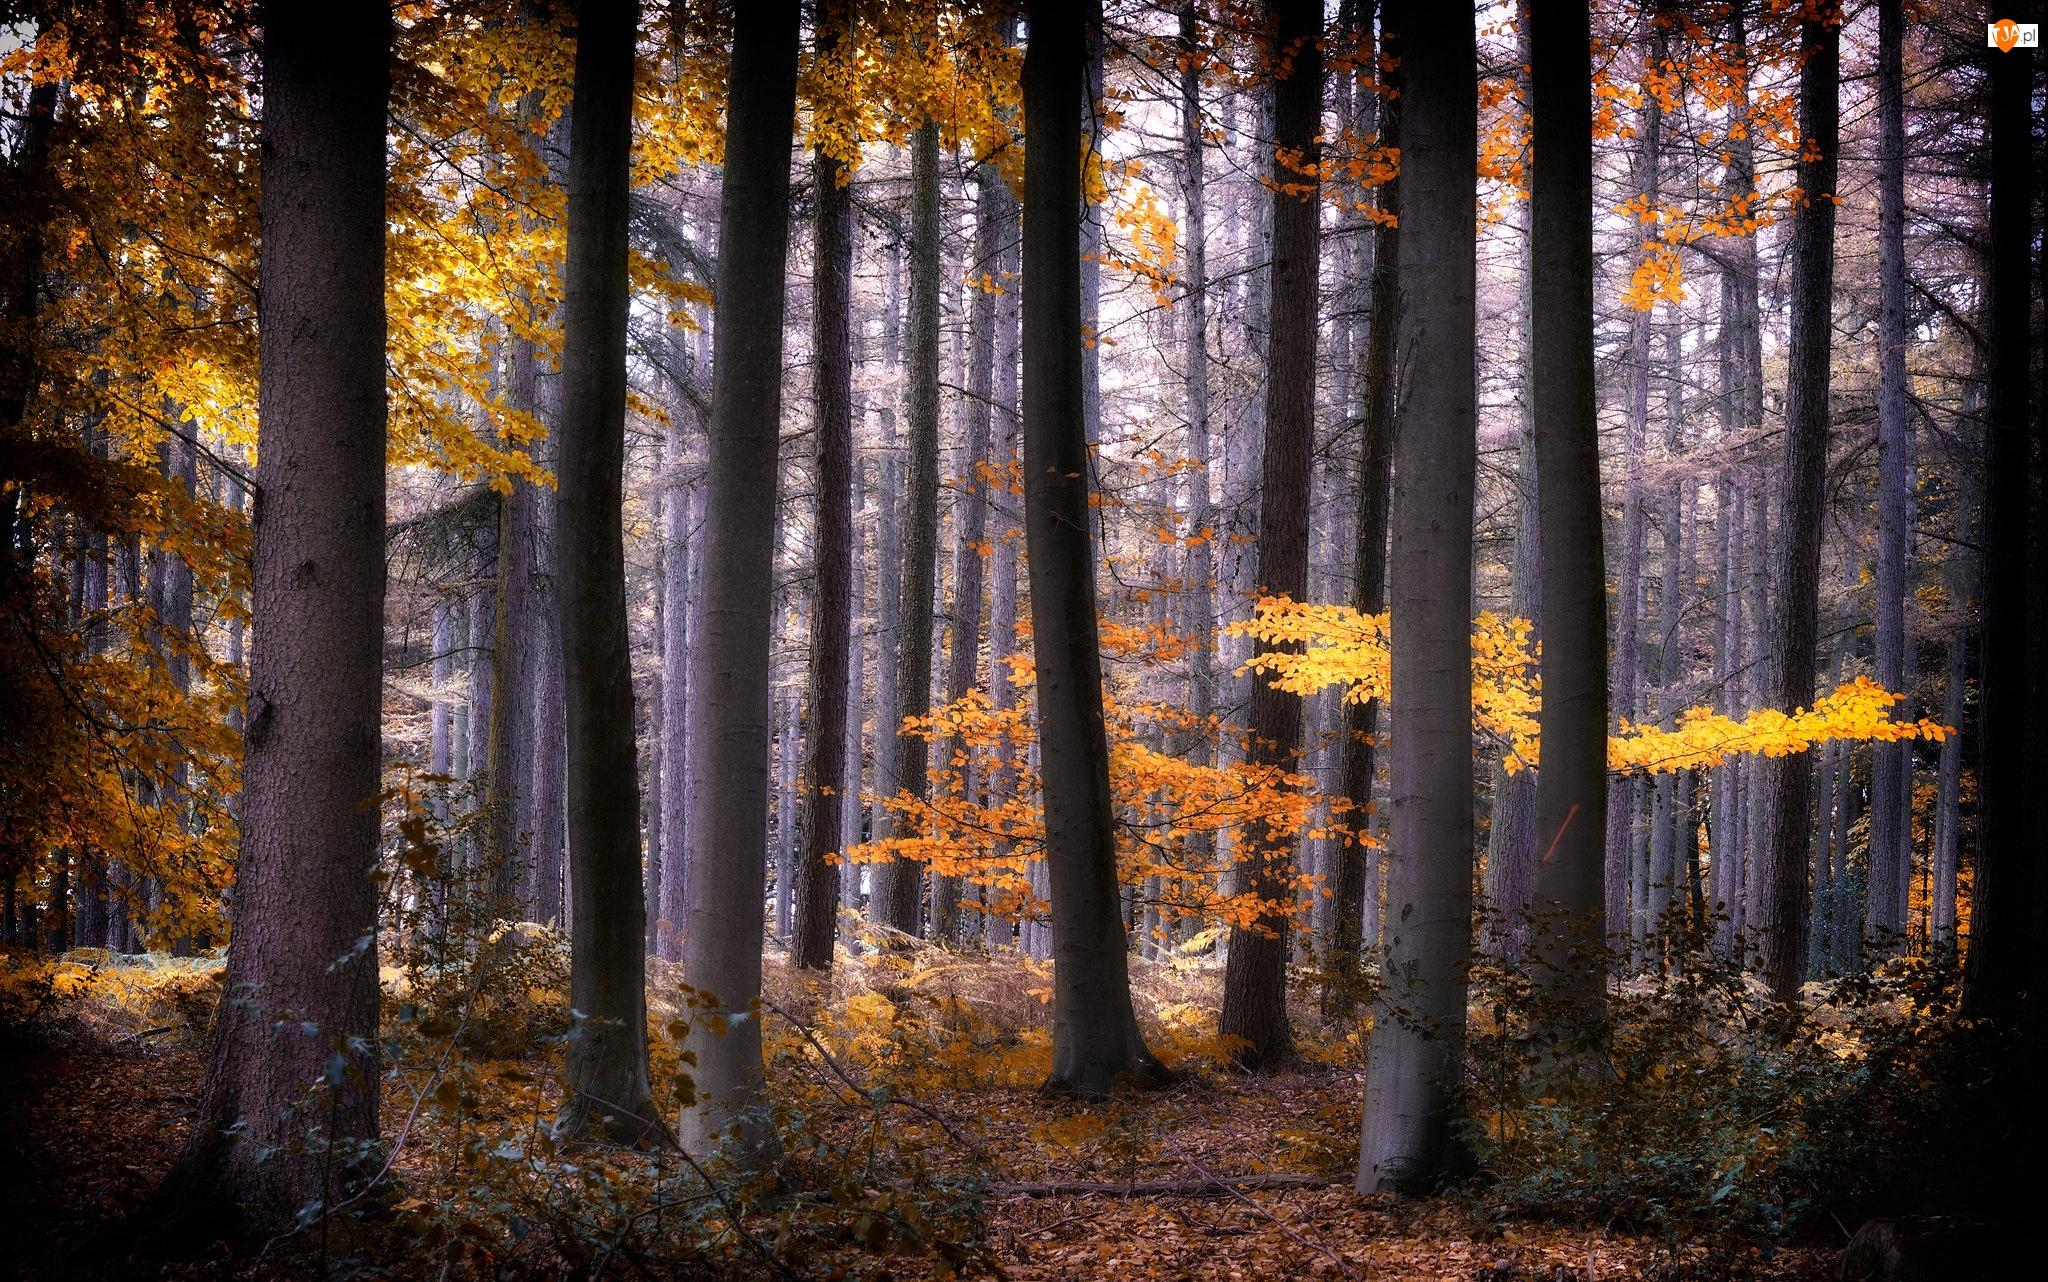 Jesień, Las, Drzewa, Kolorowe, Wysokie, Liście